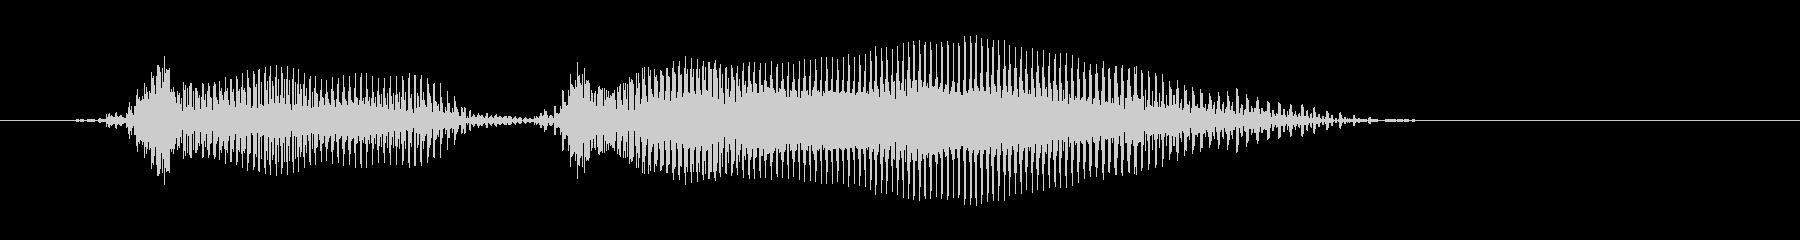 ゴーゴー!の未再生の波形